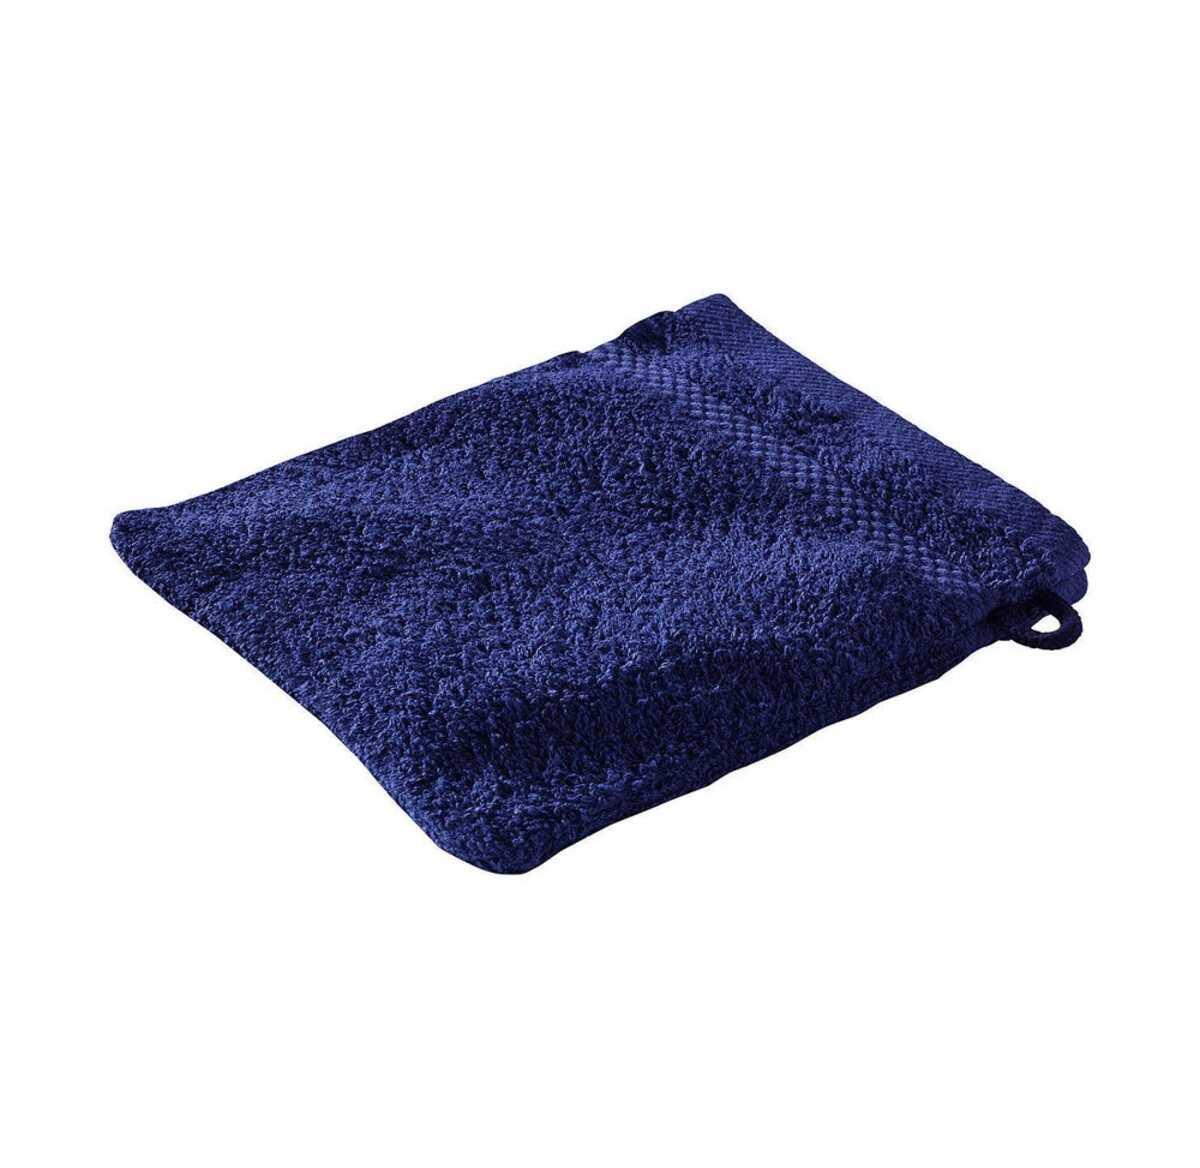 Bild 2 von Waschhandschuh, 2er Pack